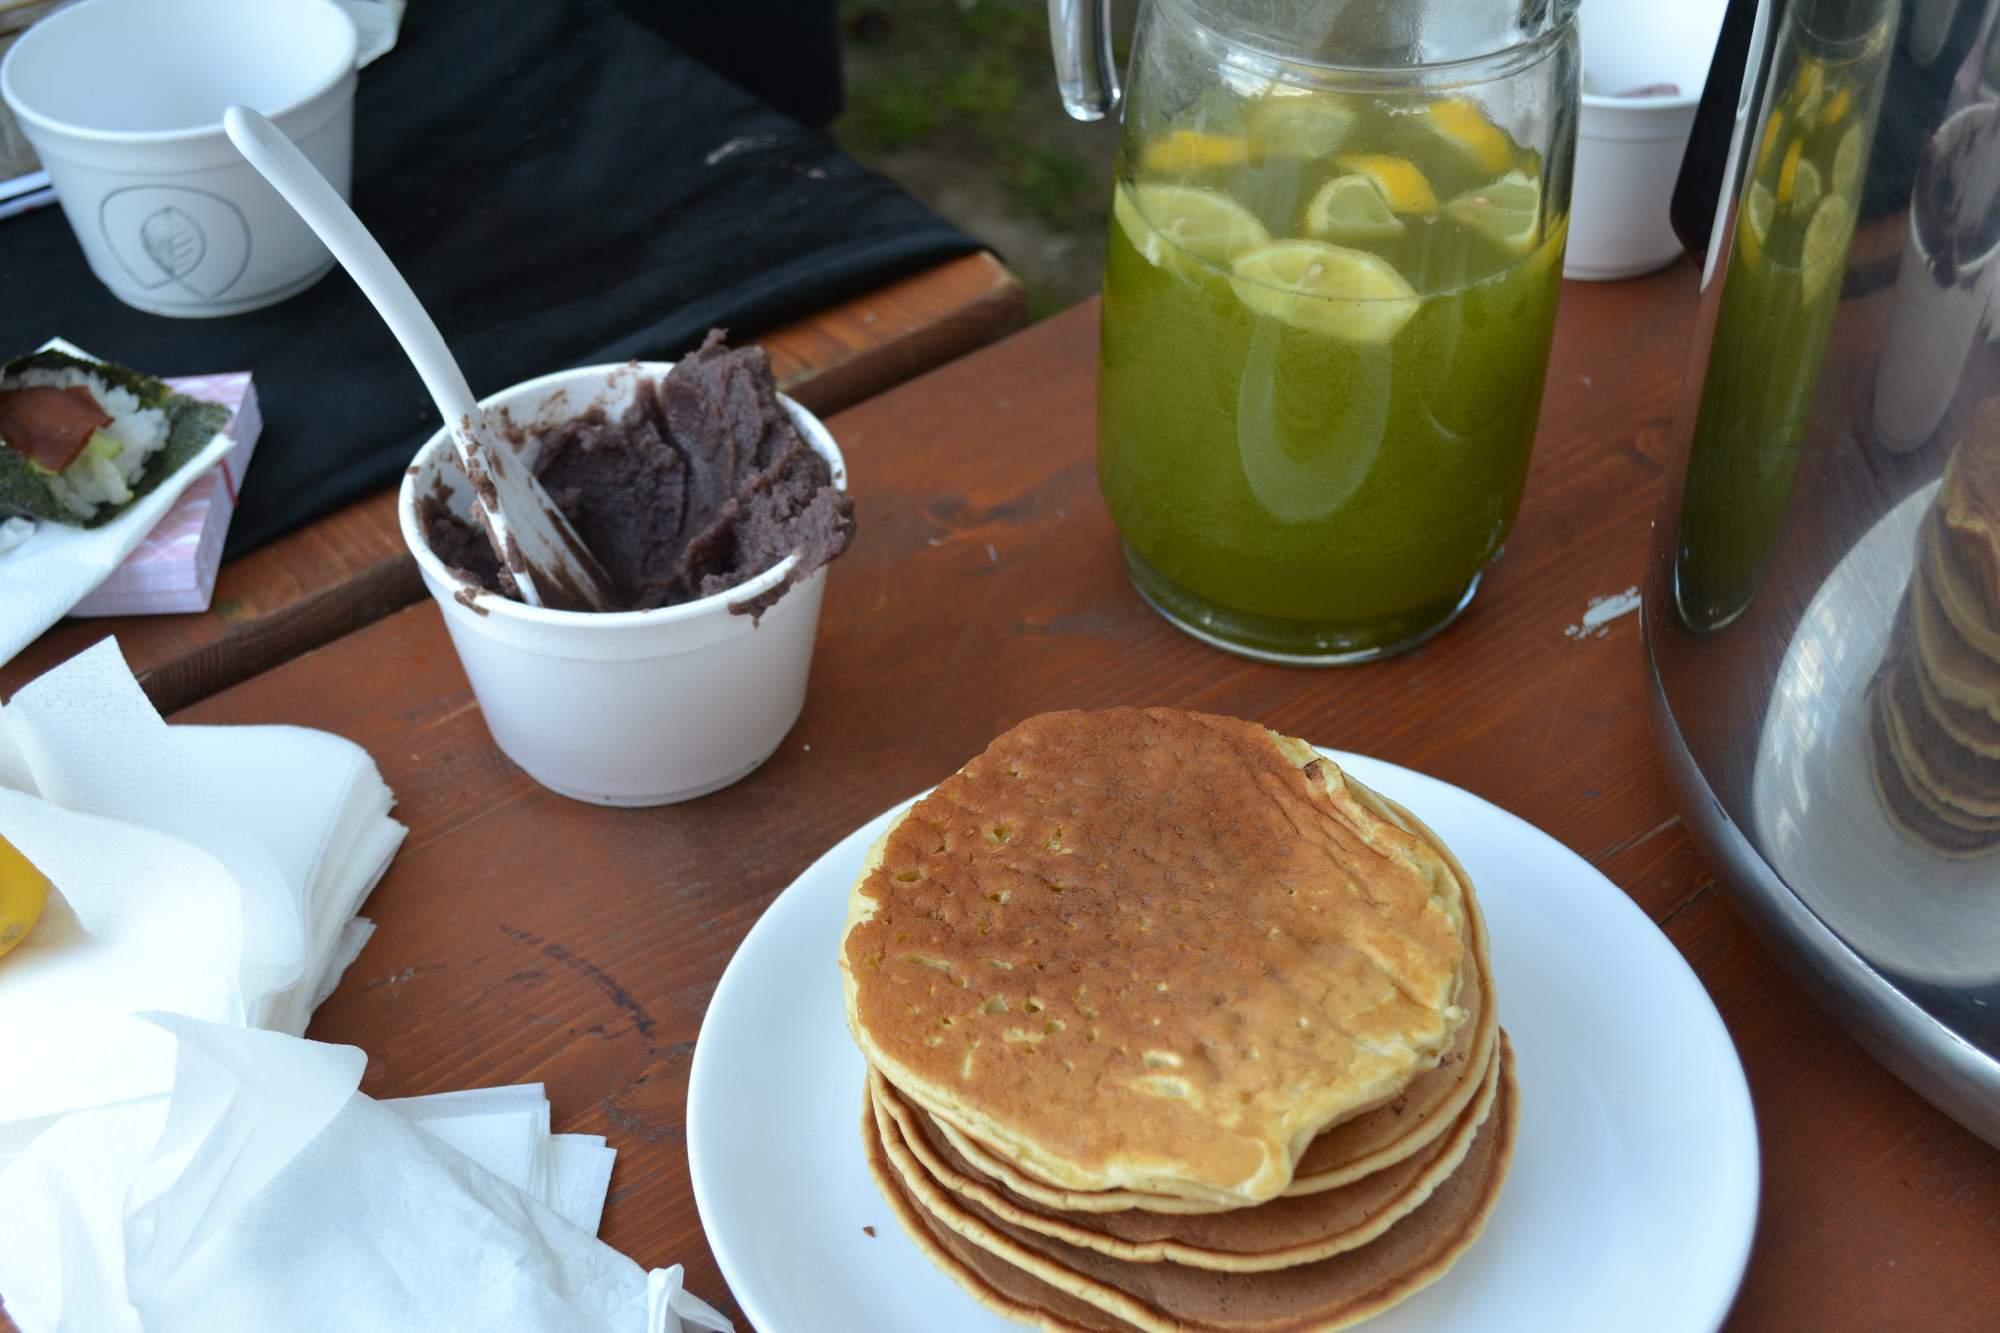 Milovníci sladkého jídla mohli ochutnat medové lívance. Foto: Klára Vašíčková